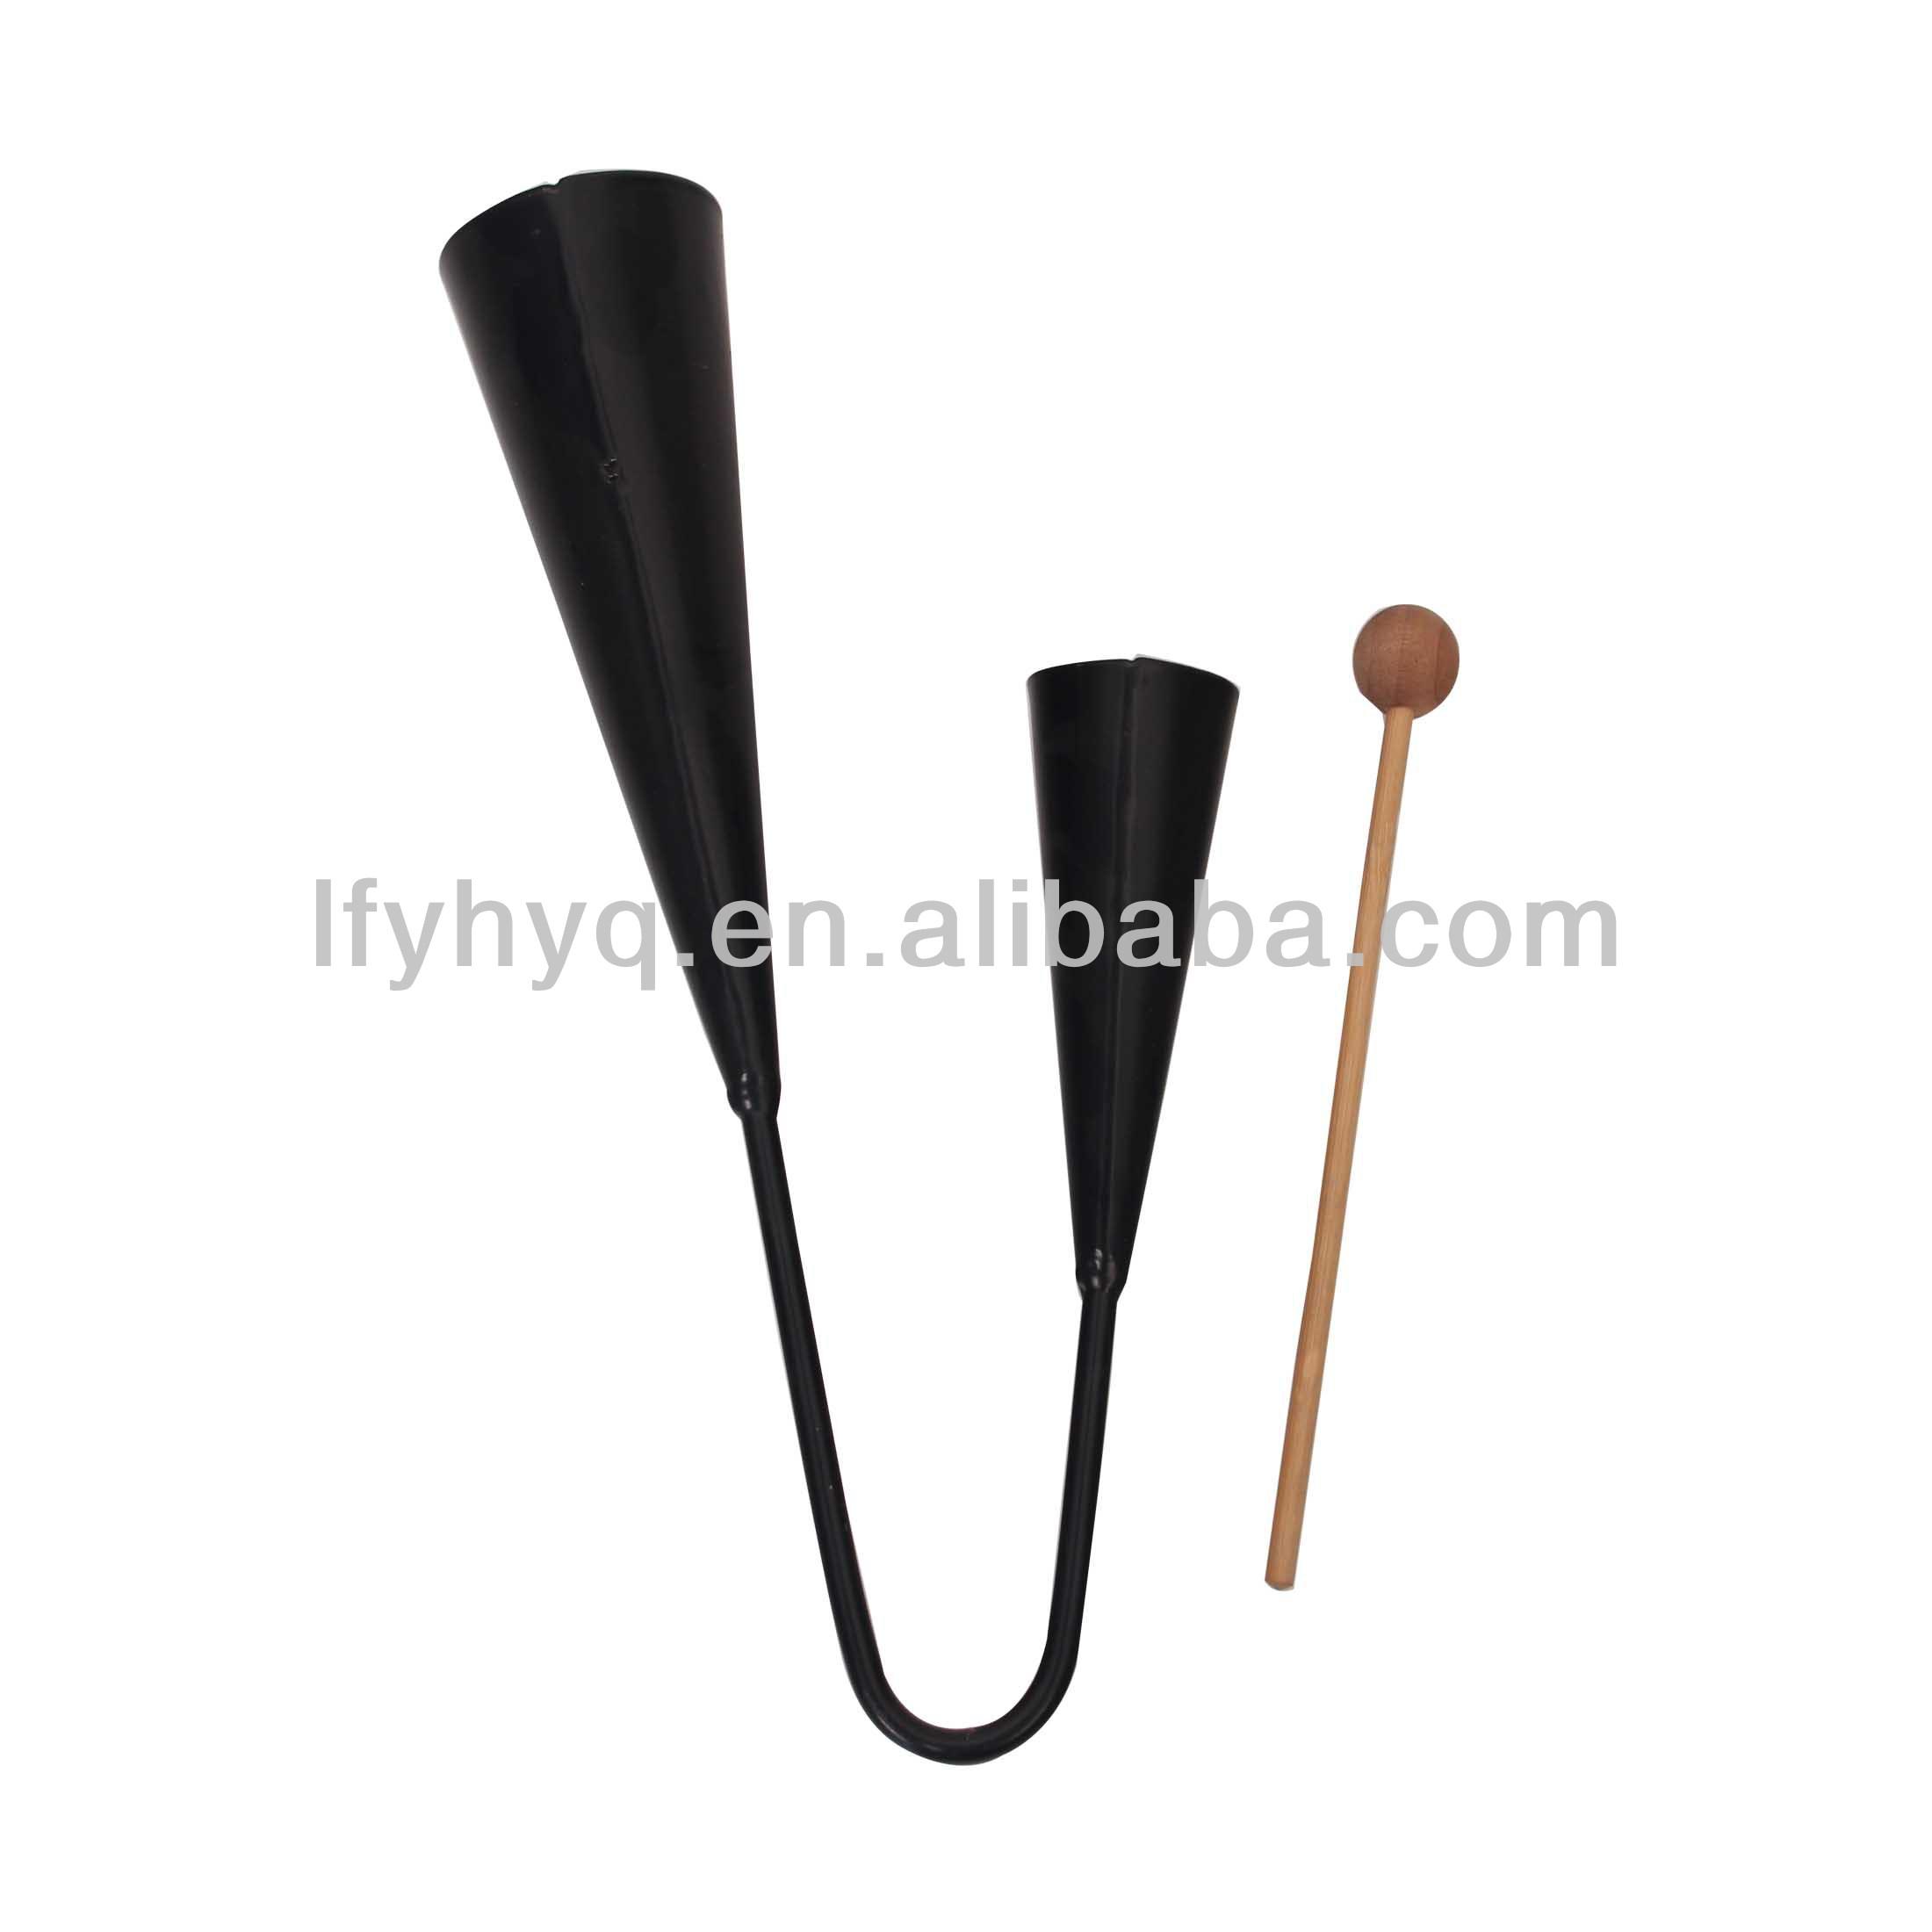 Langfang yong he musical instrument co ltd doğrulanmıştır